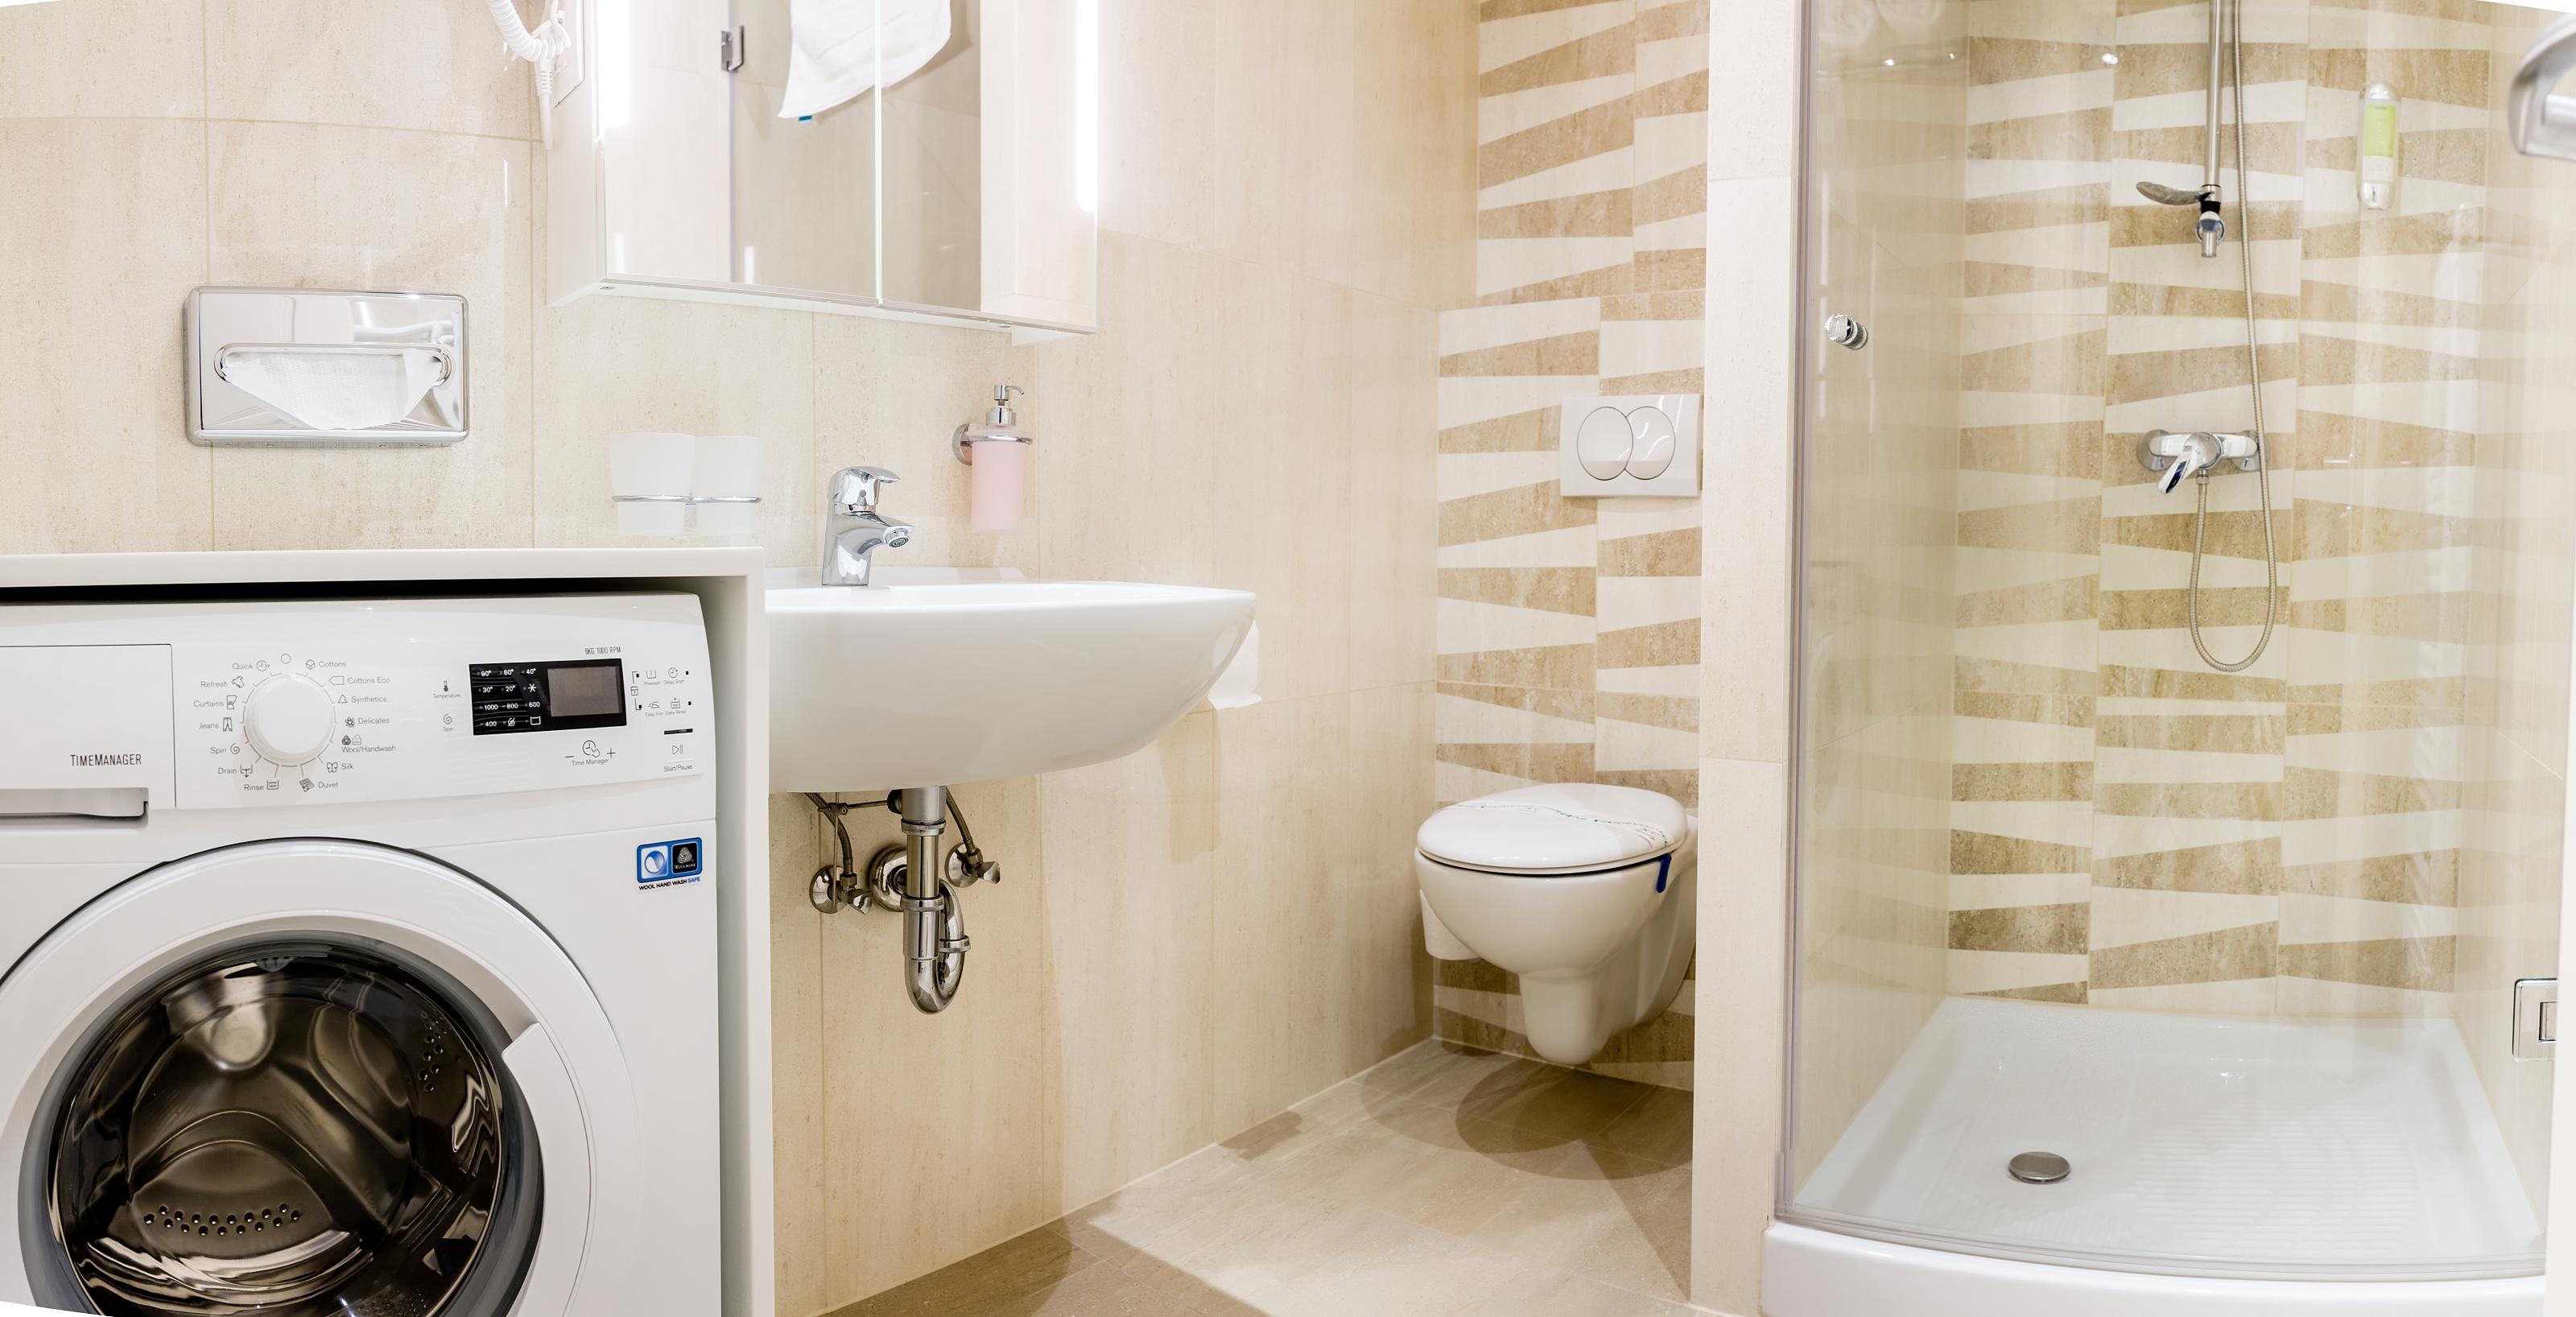 Room 203 bathroom